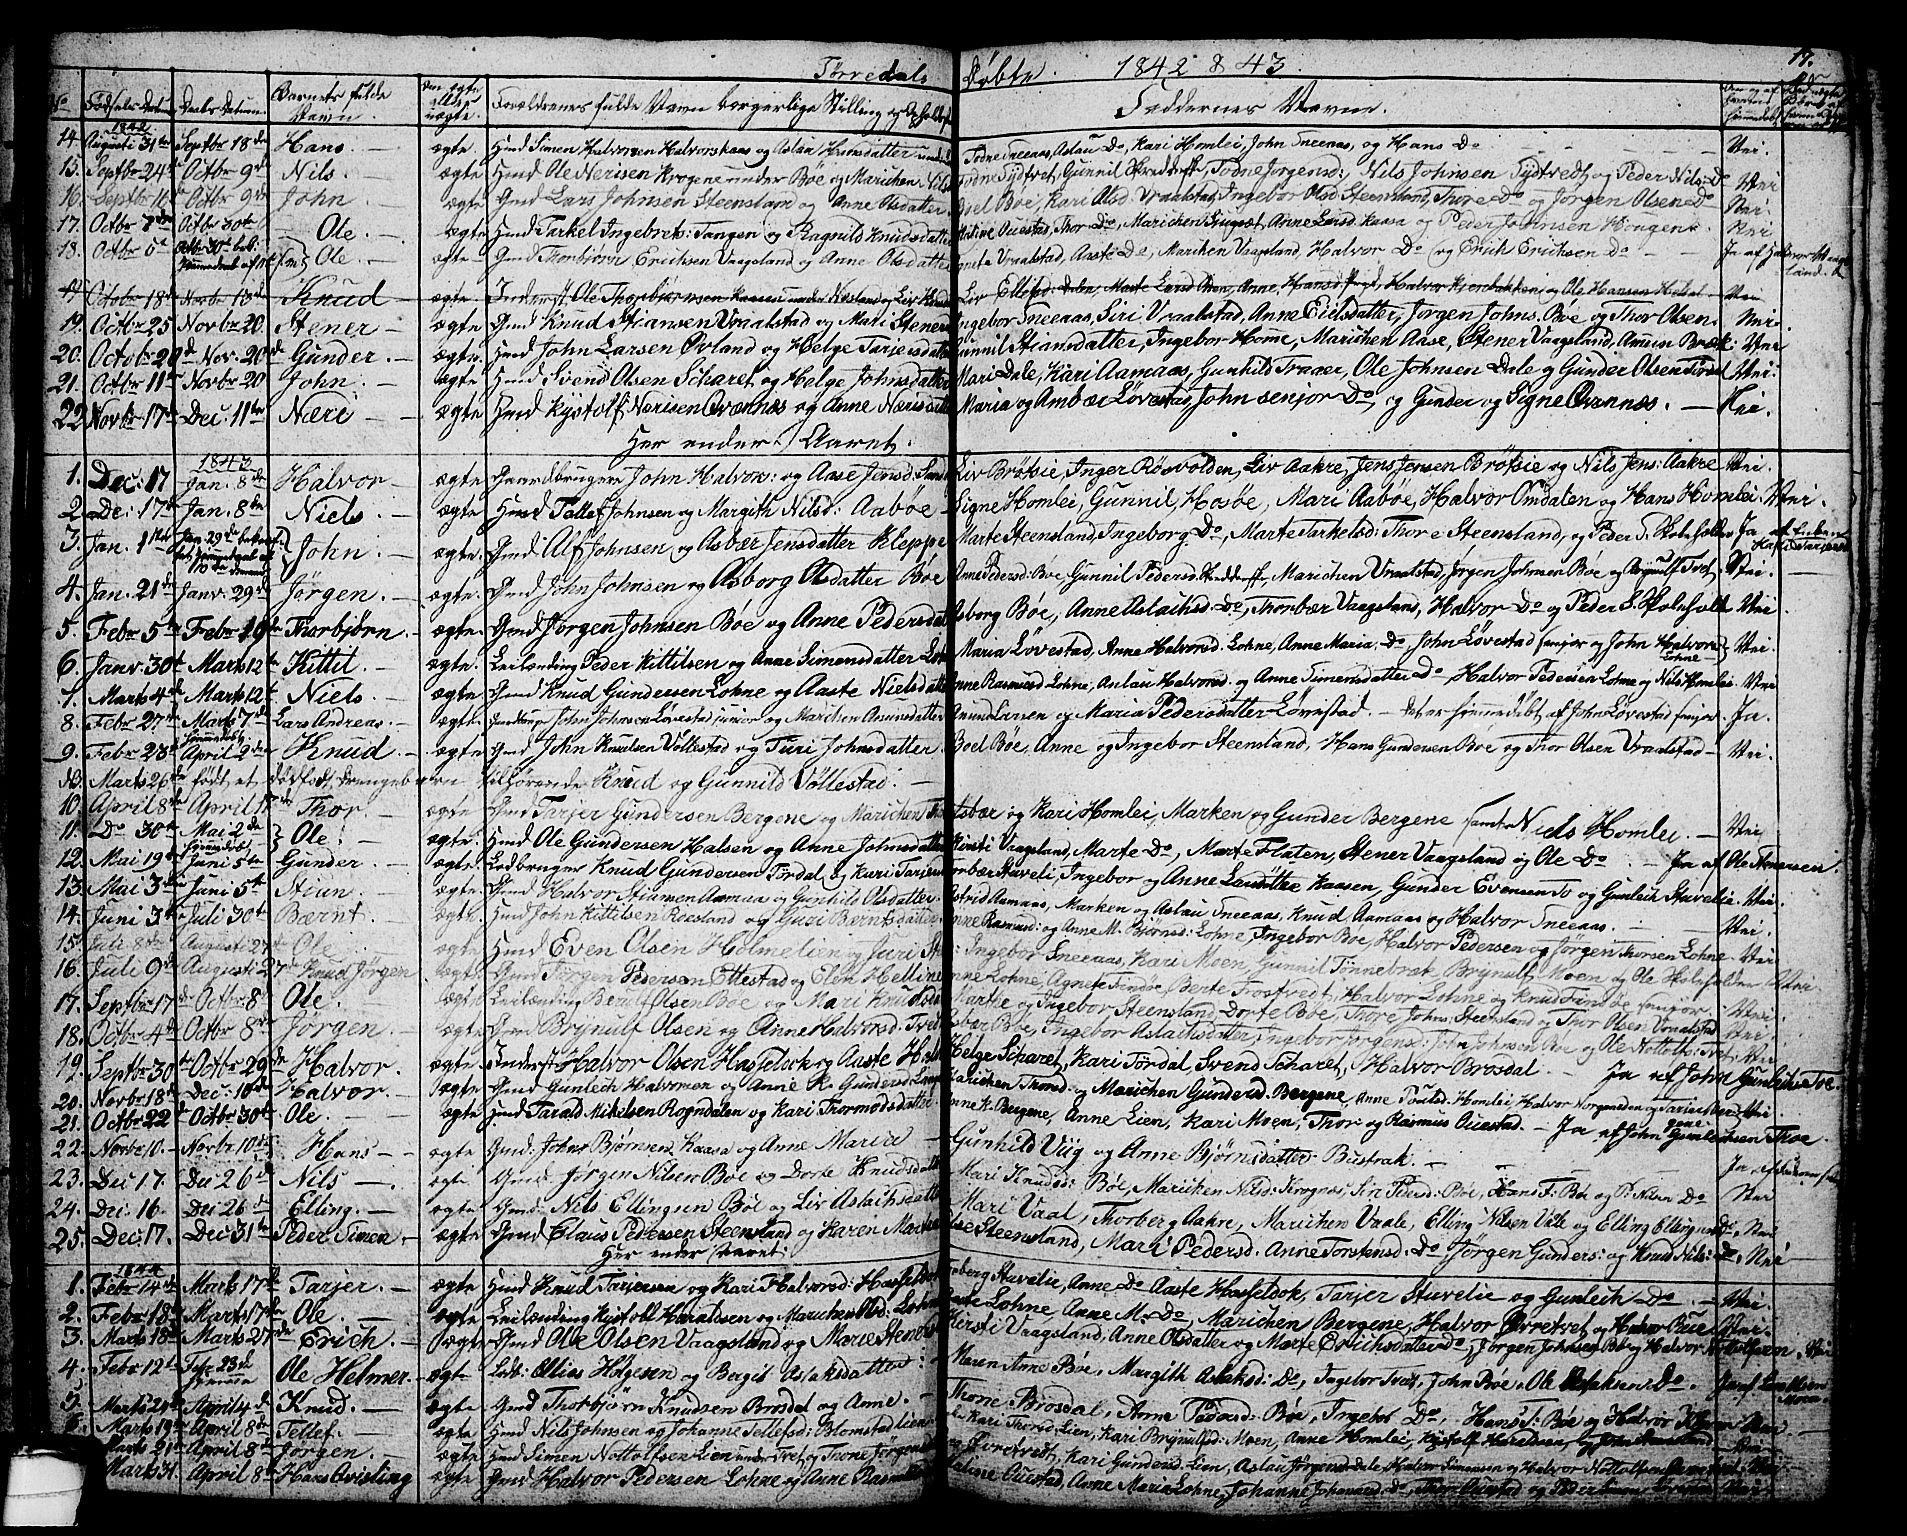 SAKO, Drangedal kirkebøker, G/Ga/L0001: Klokkerbok nr. I 1 /2, 1814-1856, s. 17